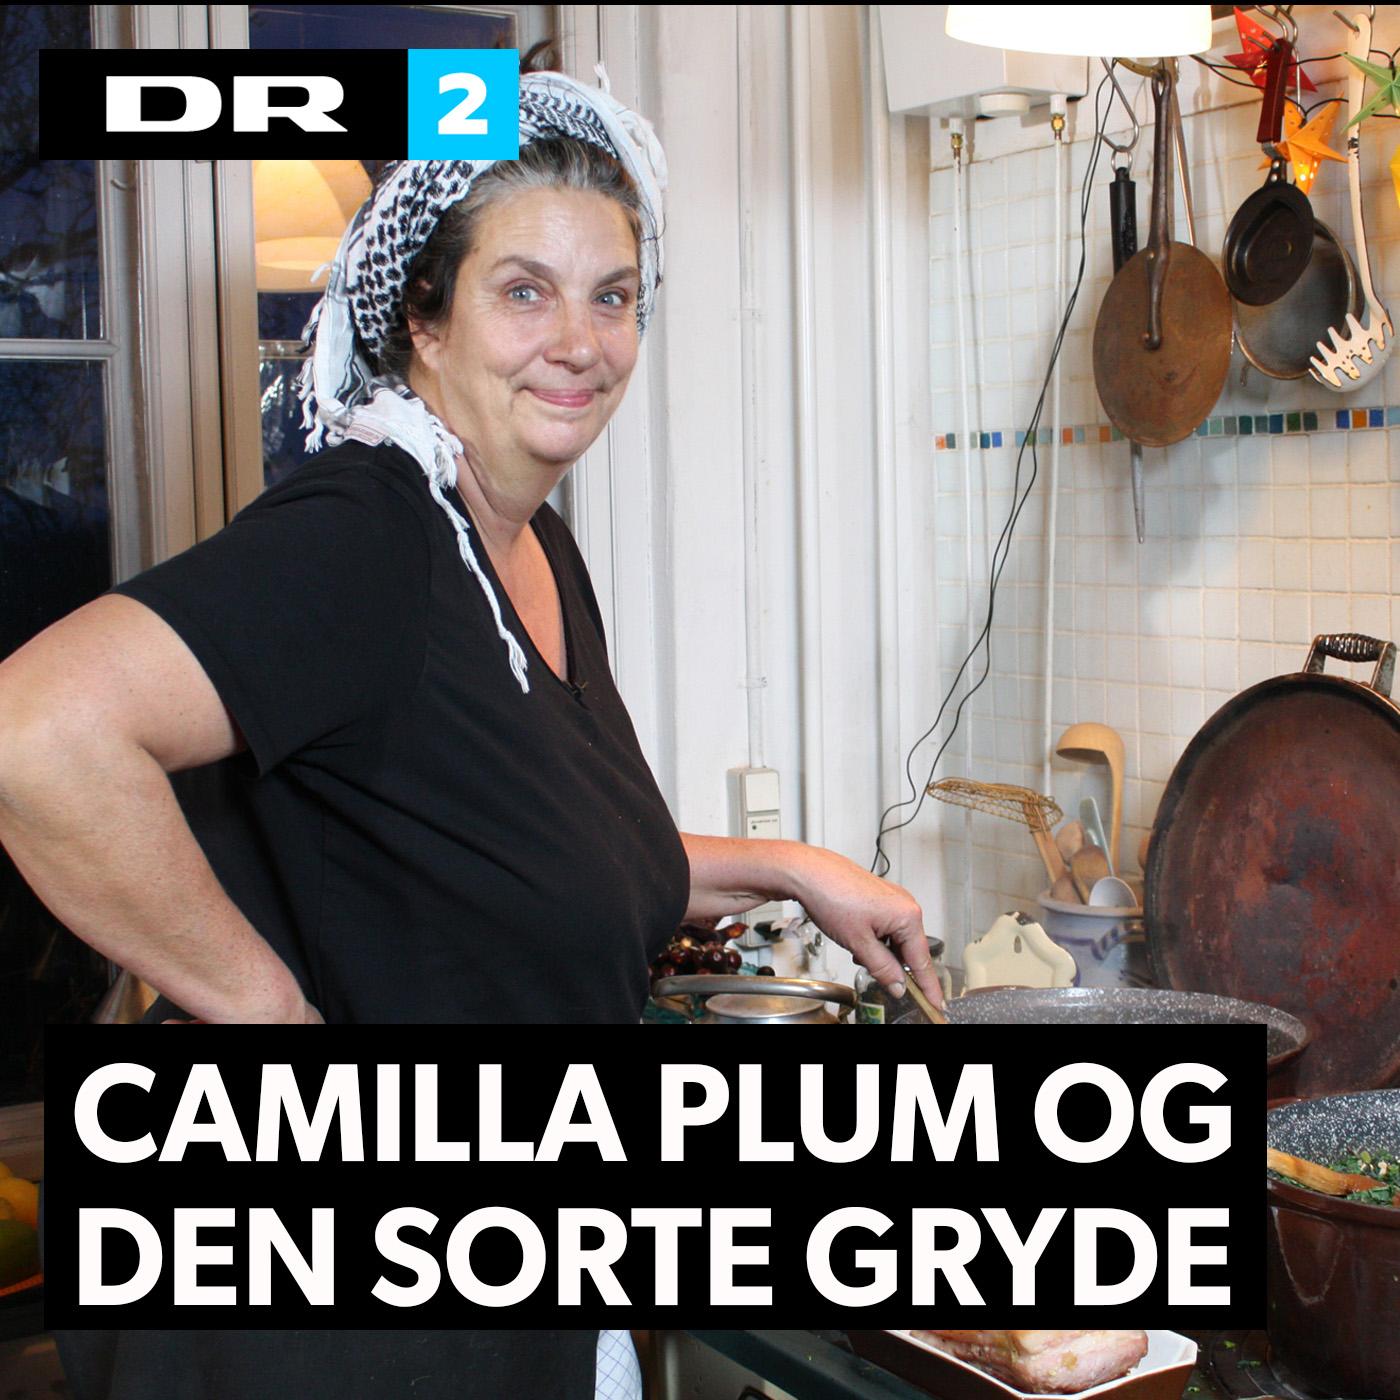 Camilla Plum og den sorte gryde